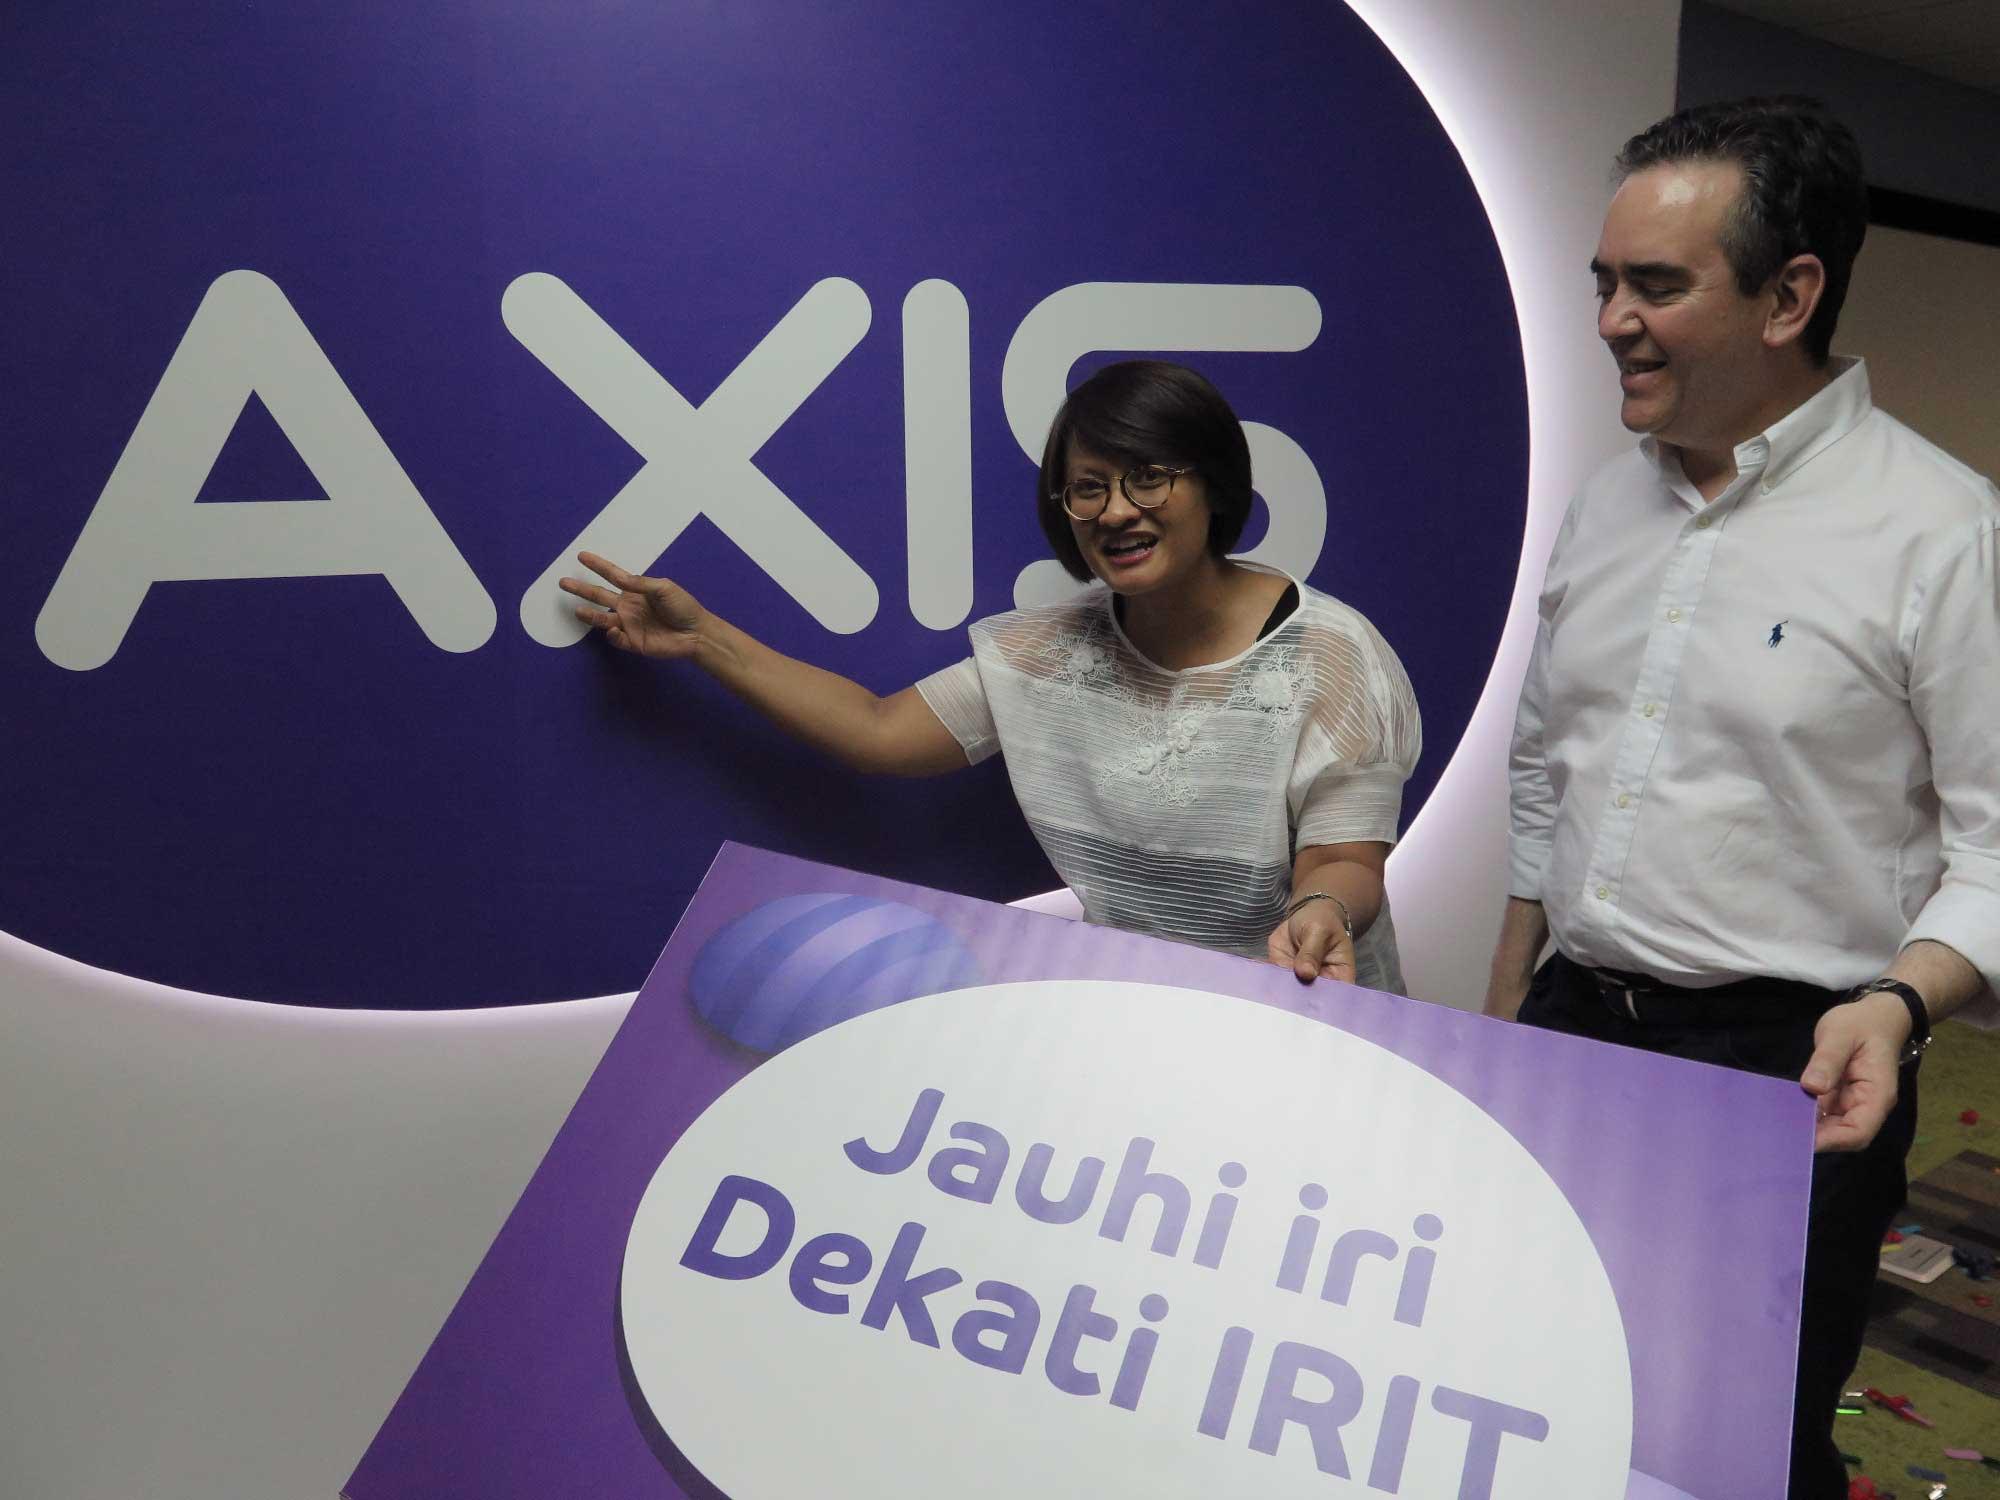 AXIS Fokus Layanan Dasar Dengan Tarif Irit